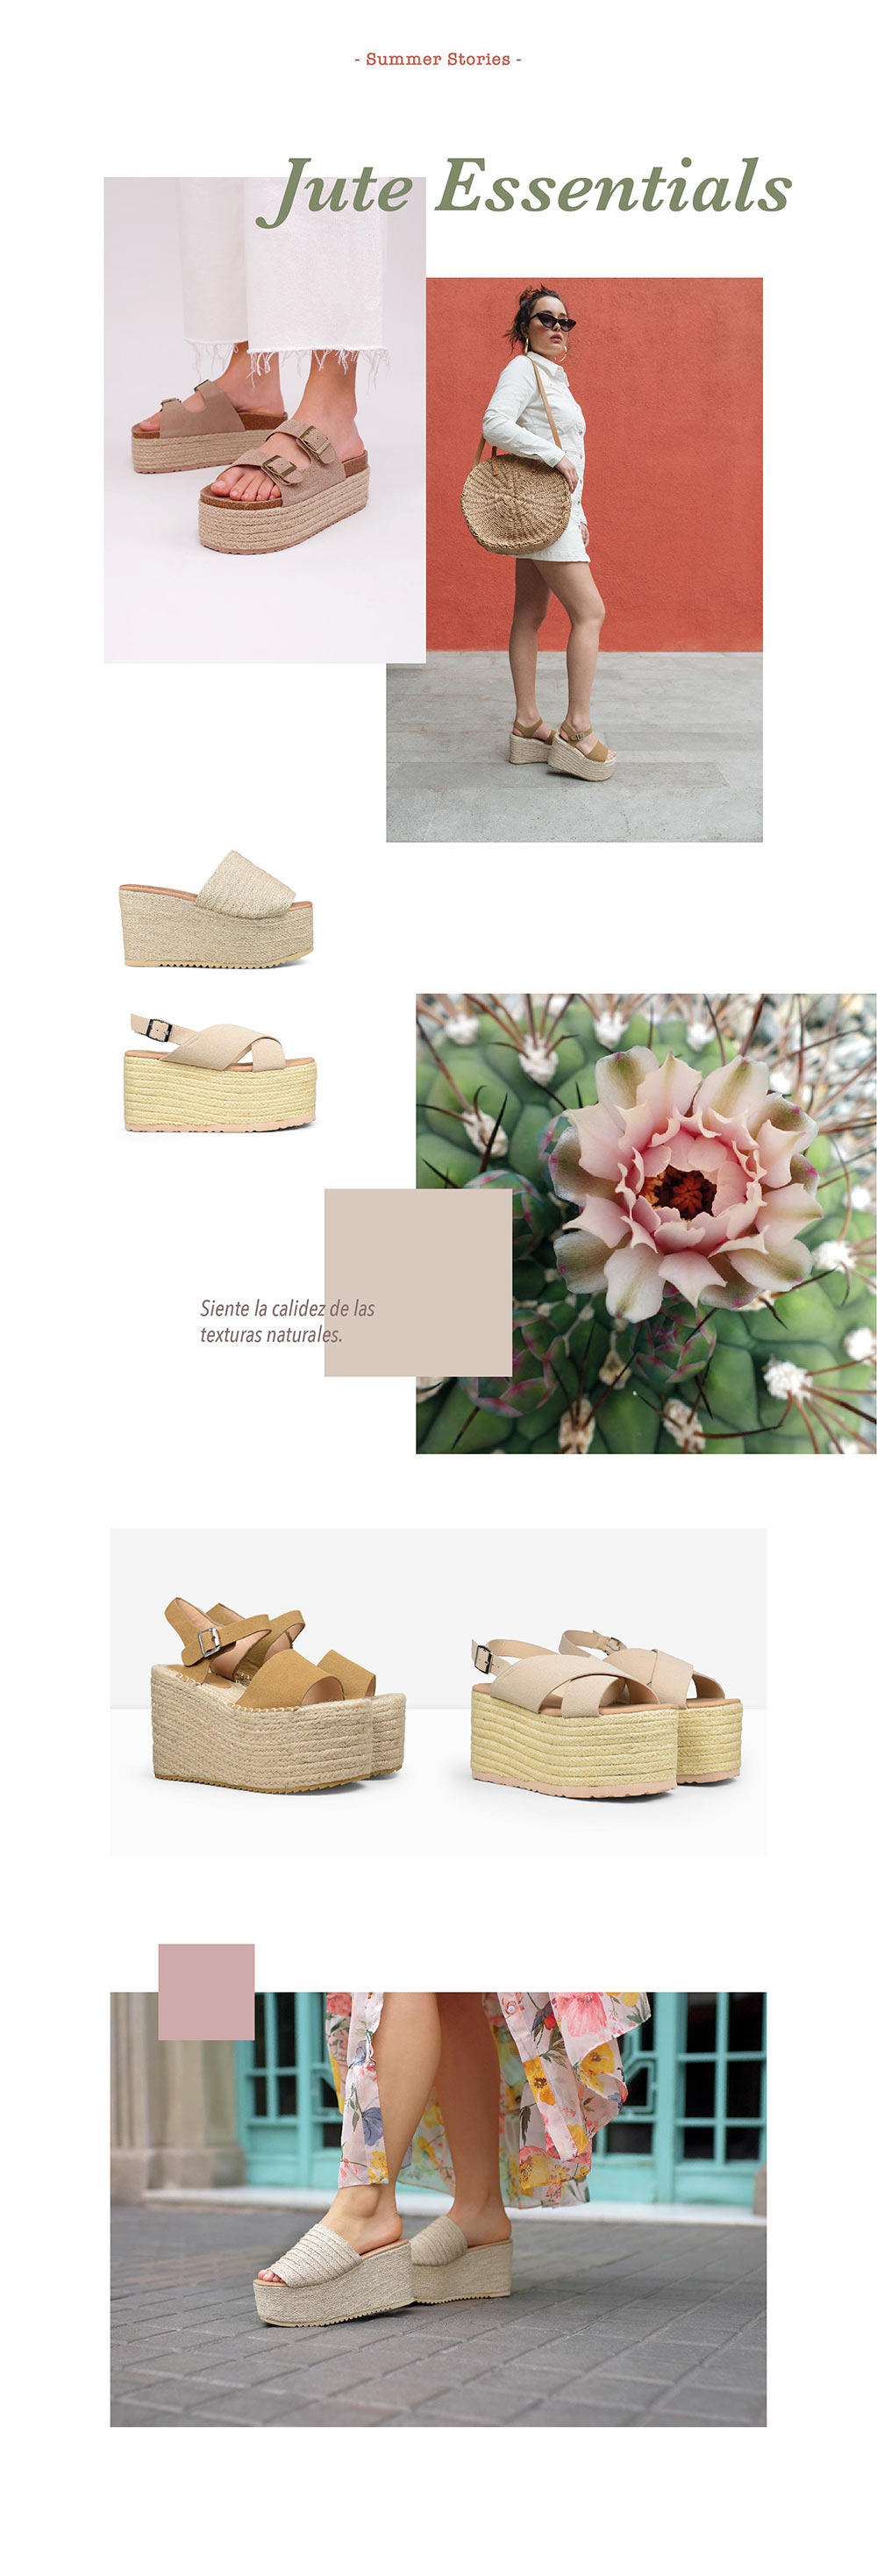 Editorial colección sandalias de esparto 2019 de Bosanova